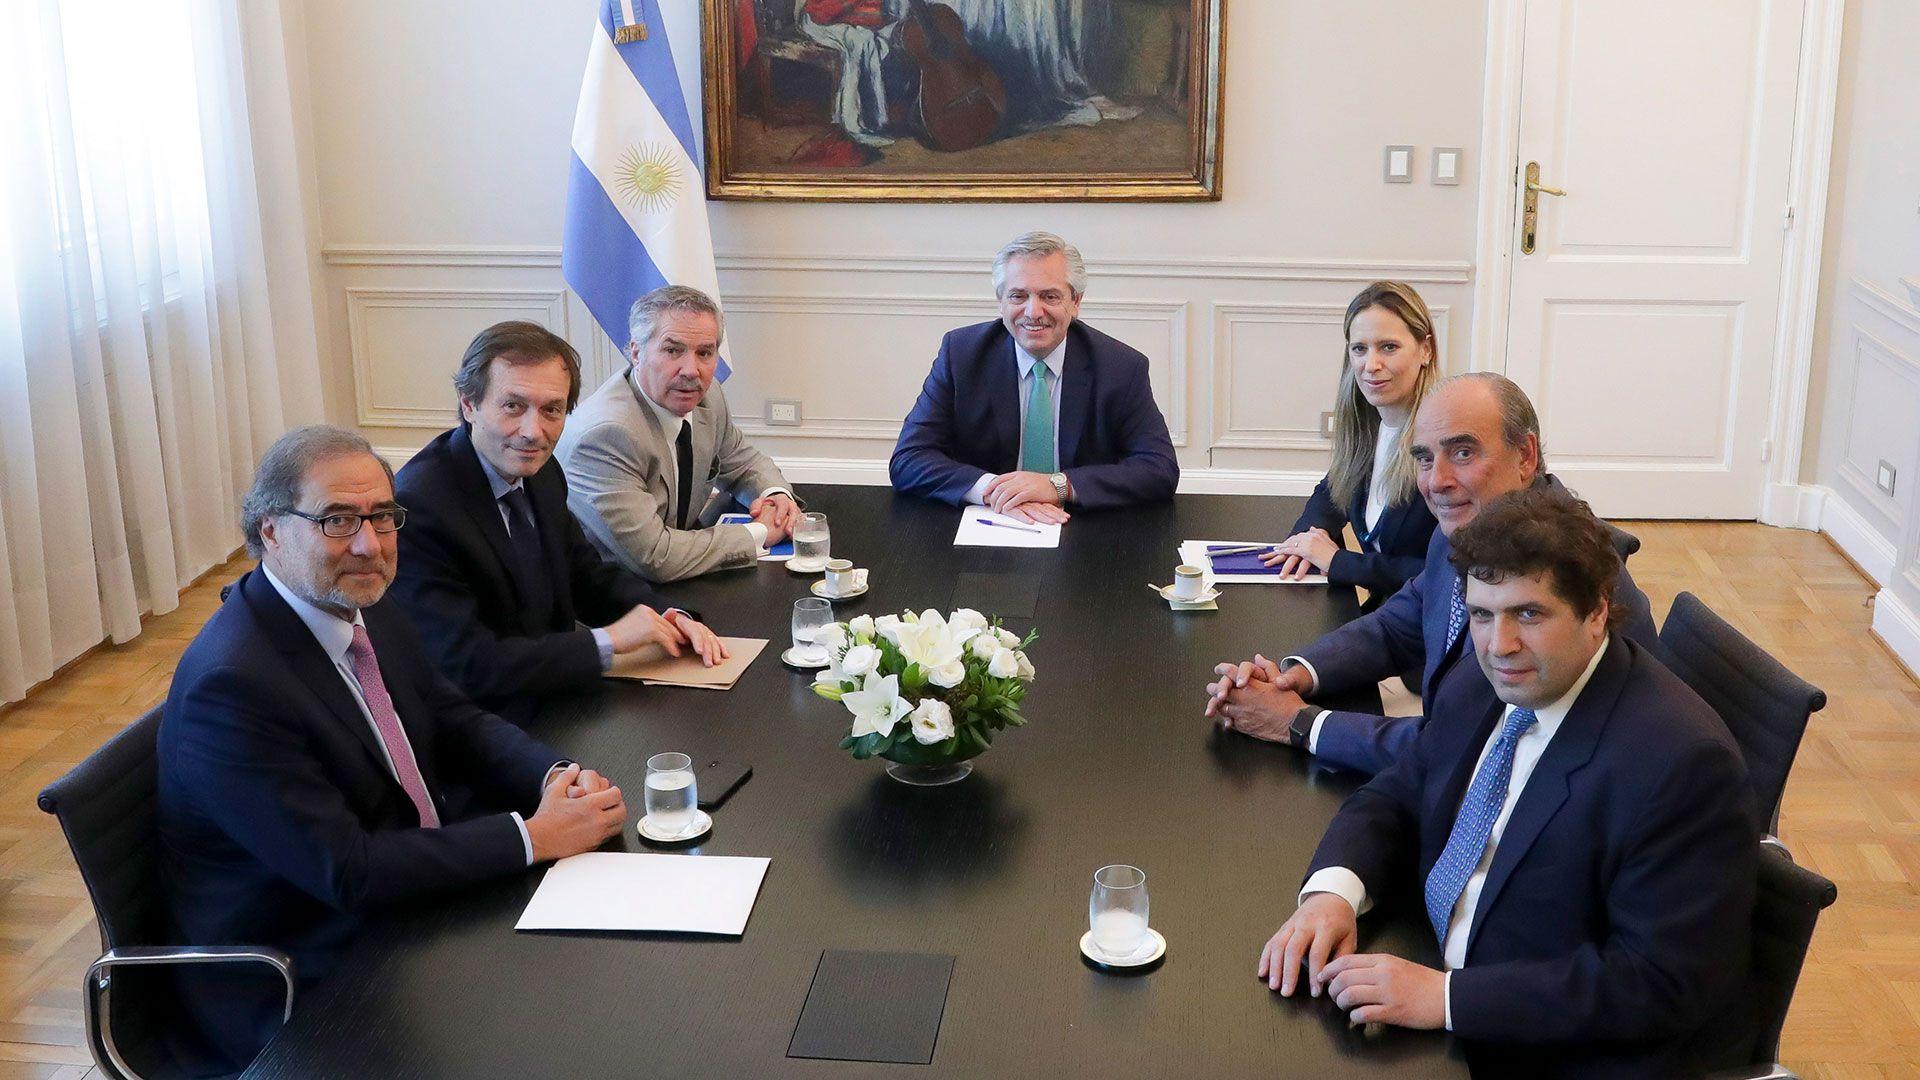 Alberto Fernández y Jorge Argüello durante una reunión en la Casa Rosada. (NA)